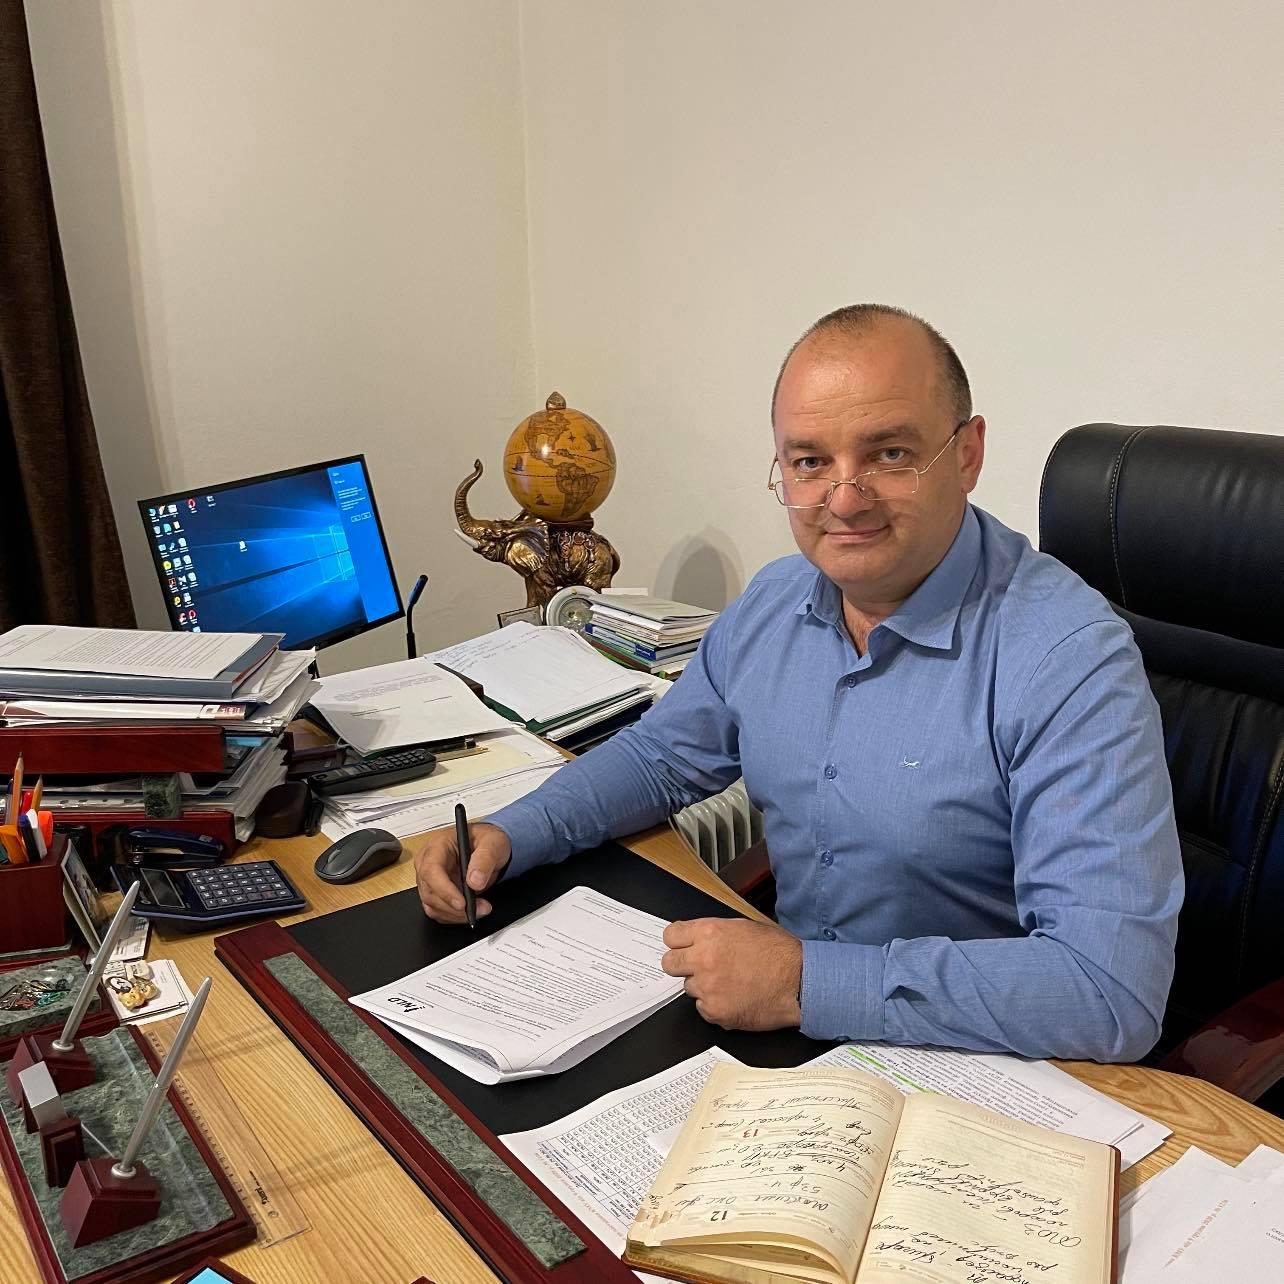 «Червона зона» на Івано-Франківщині - це питання кількох тижнів», - Руслан Савчук, головний державний санітарний лікар області